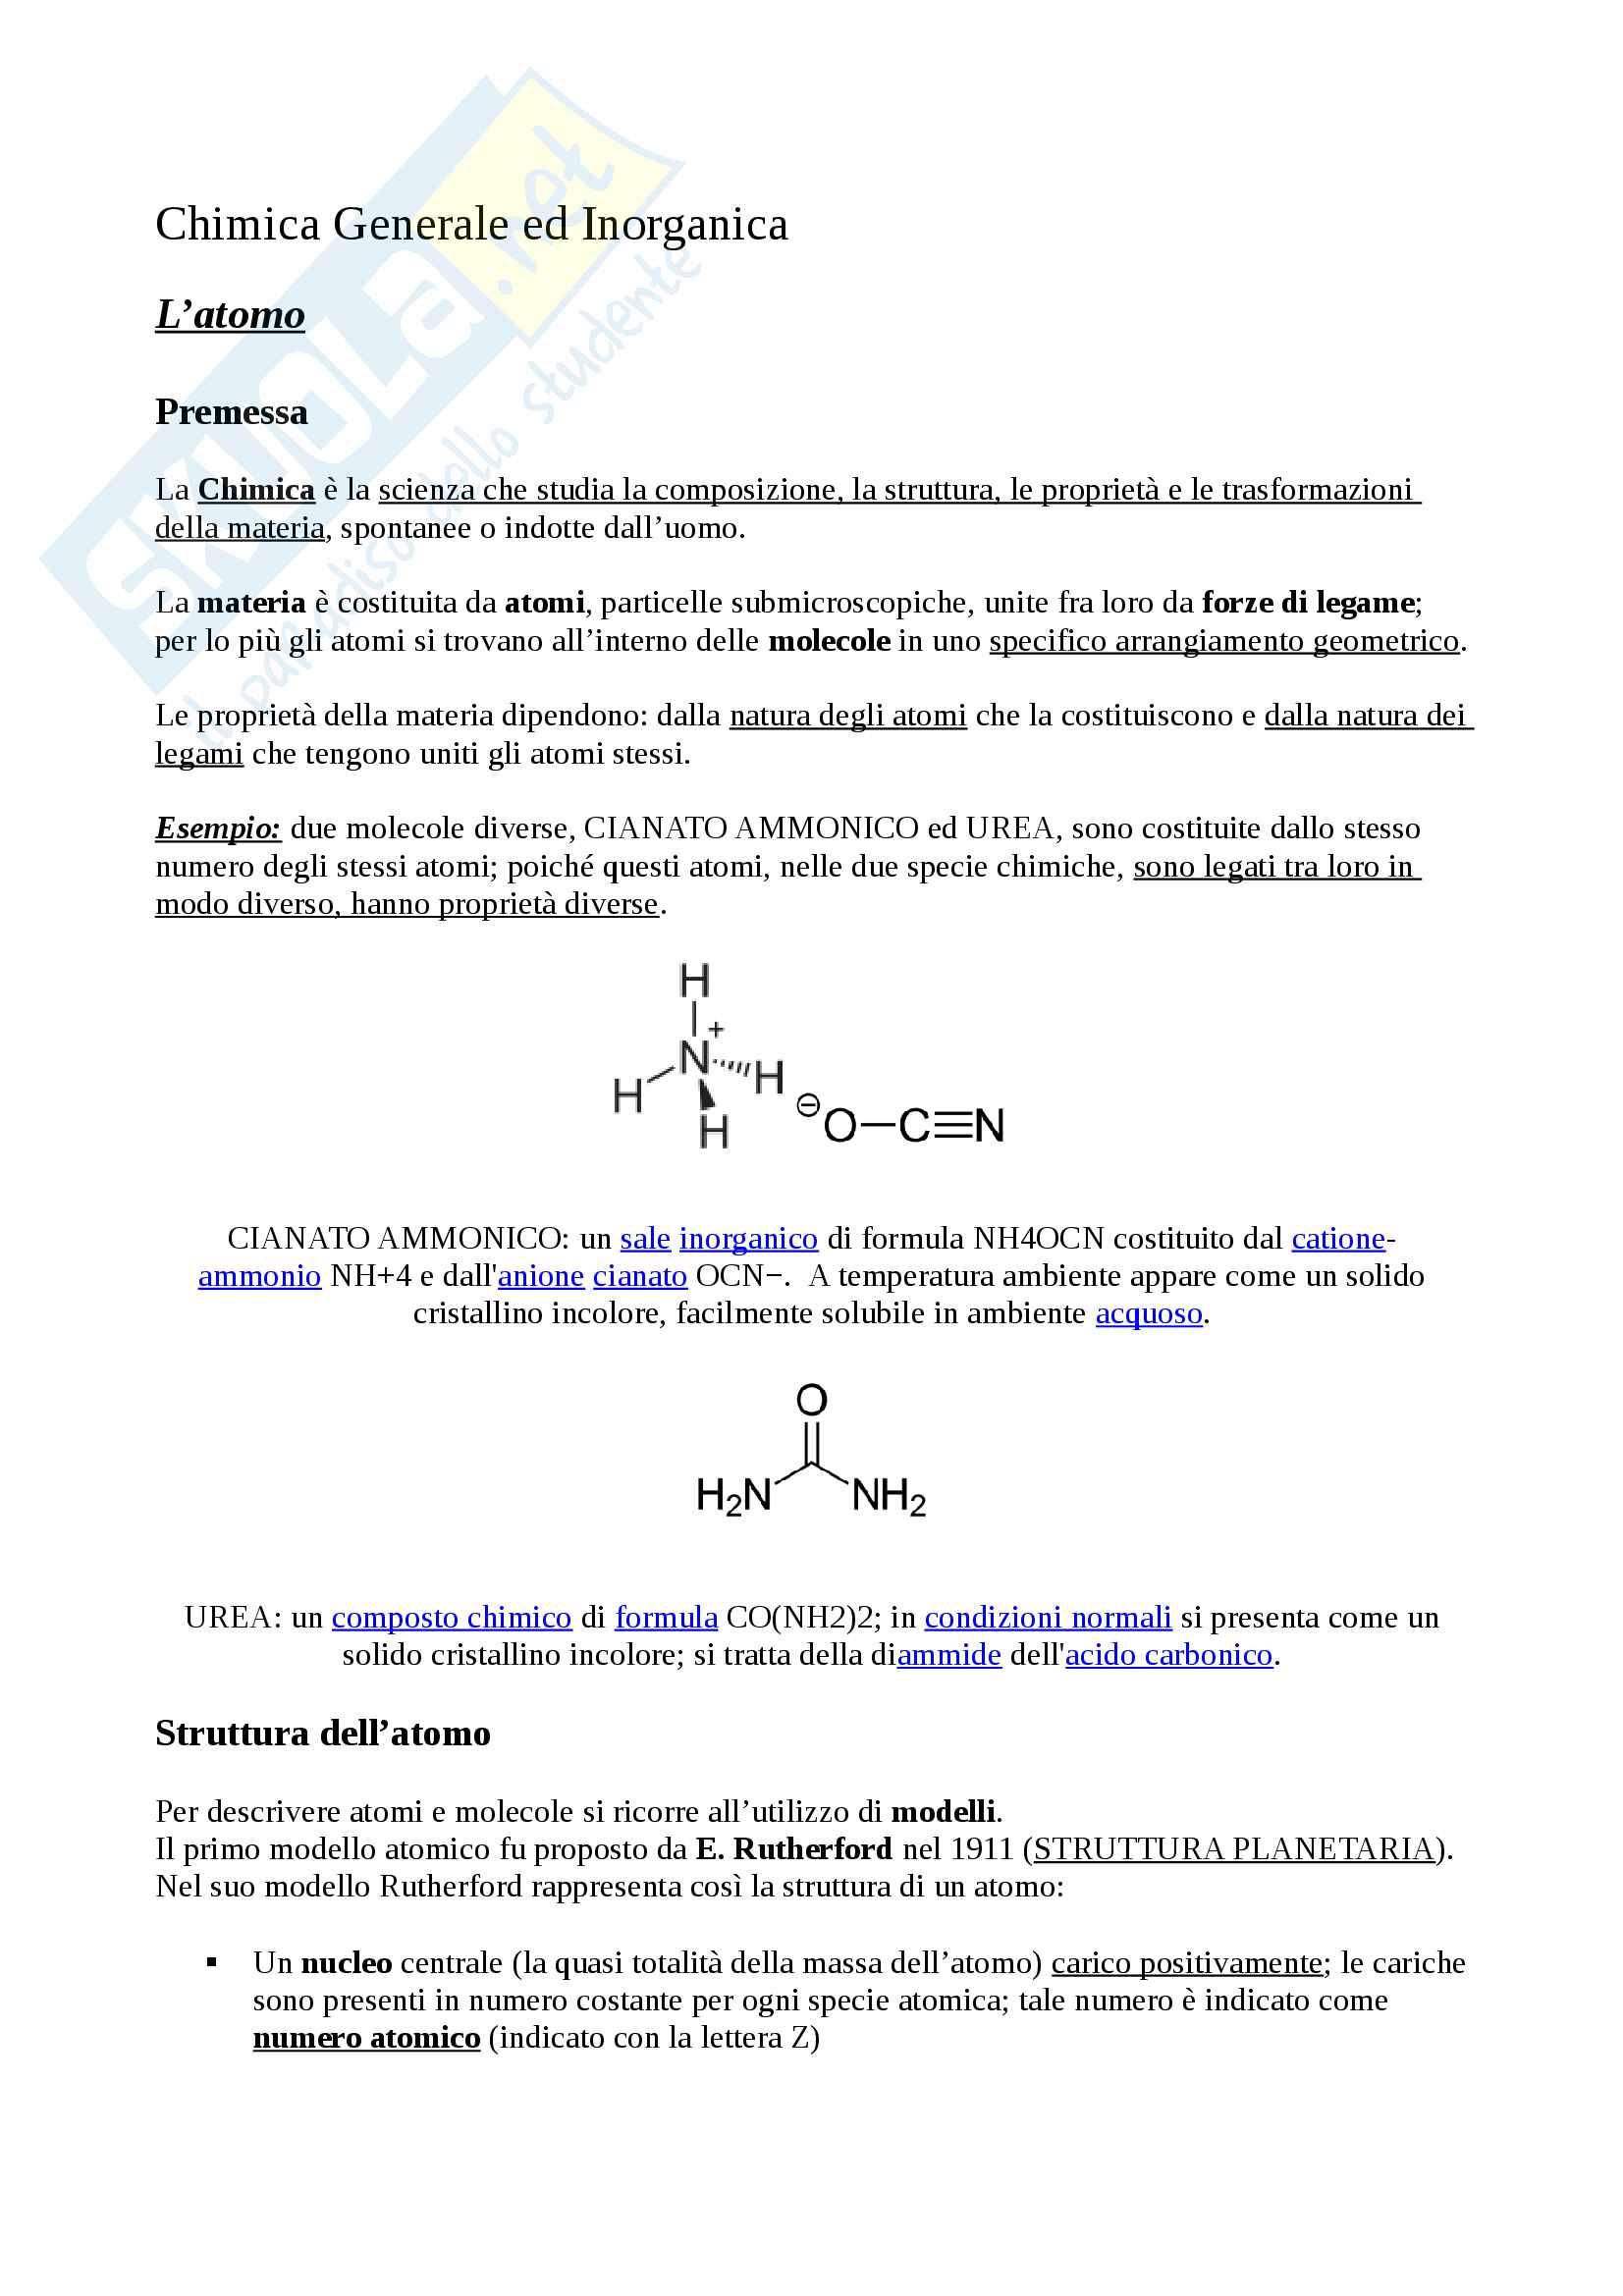 L'atomo, nozioni fondamentali